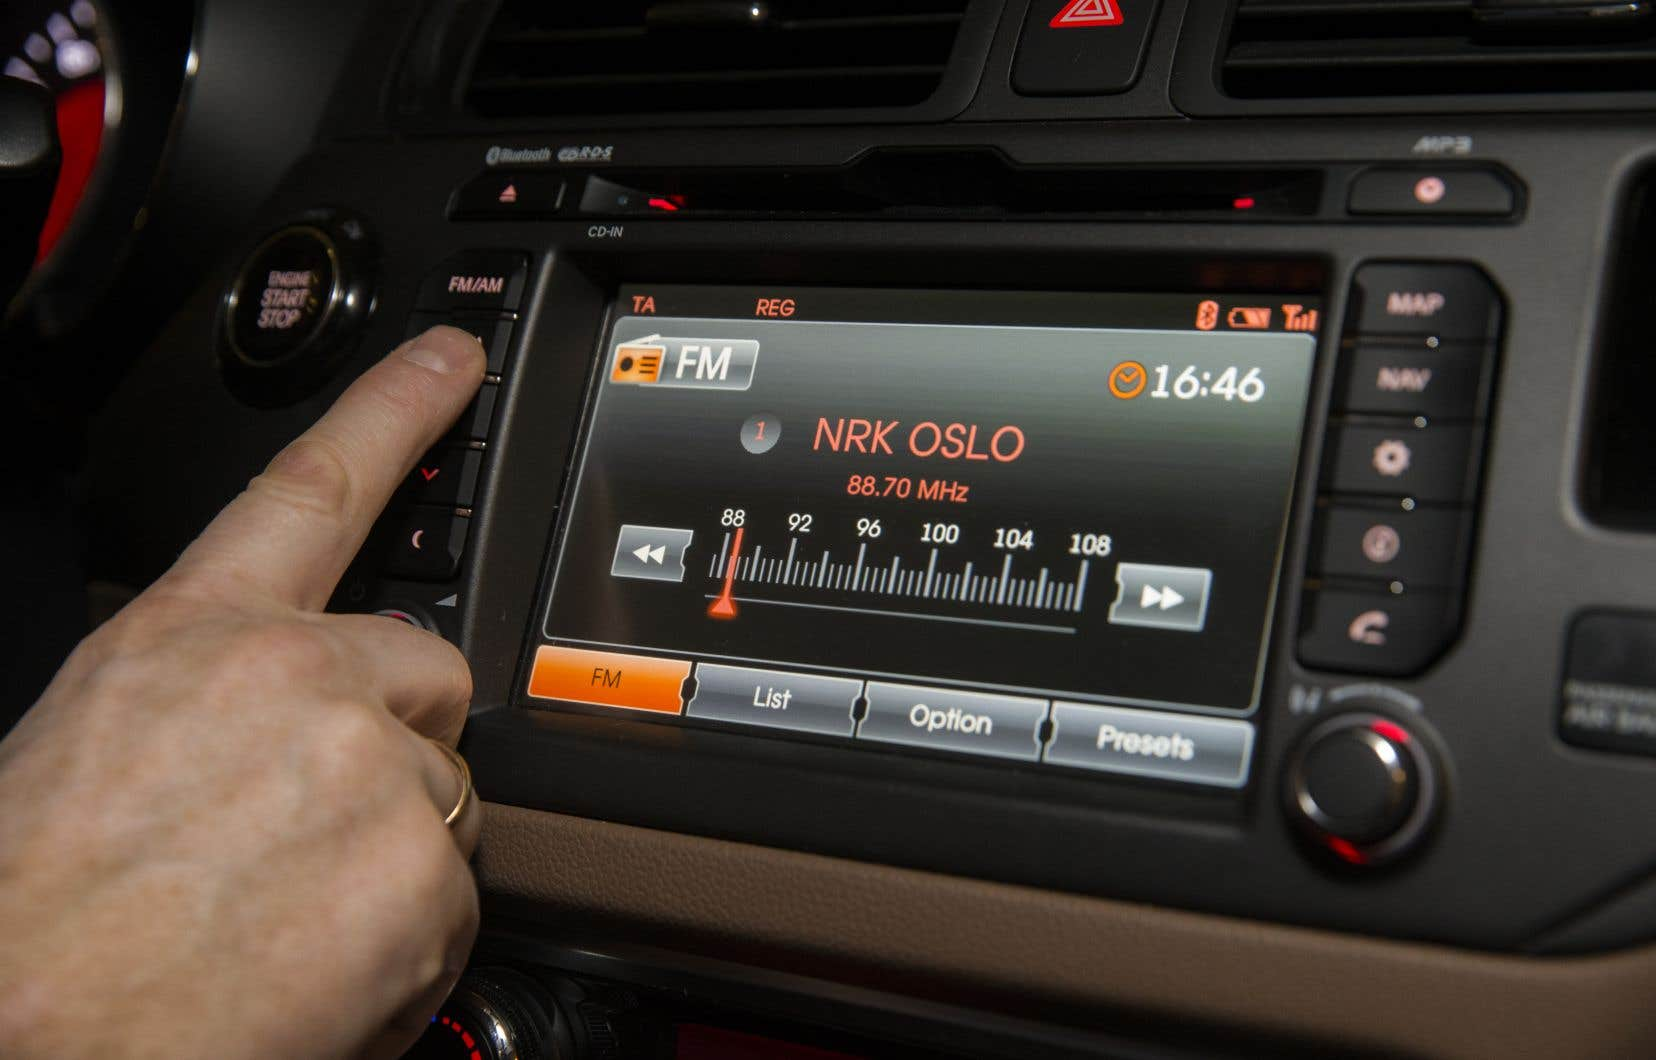 Le passage au numérique, qui avait commencé le 11 janvier, permet selon ses promoteurs d'améliorer la qualité du son, d'accroître le nombre de chaînes et d'enrichir les fonctionnalités à un coût de diffusion huit fois moins élevé.